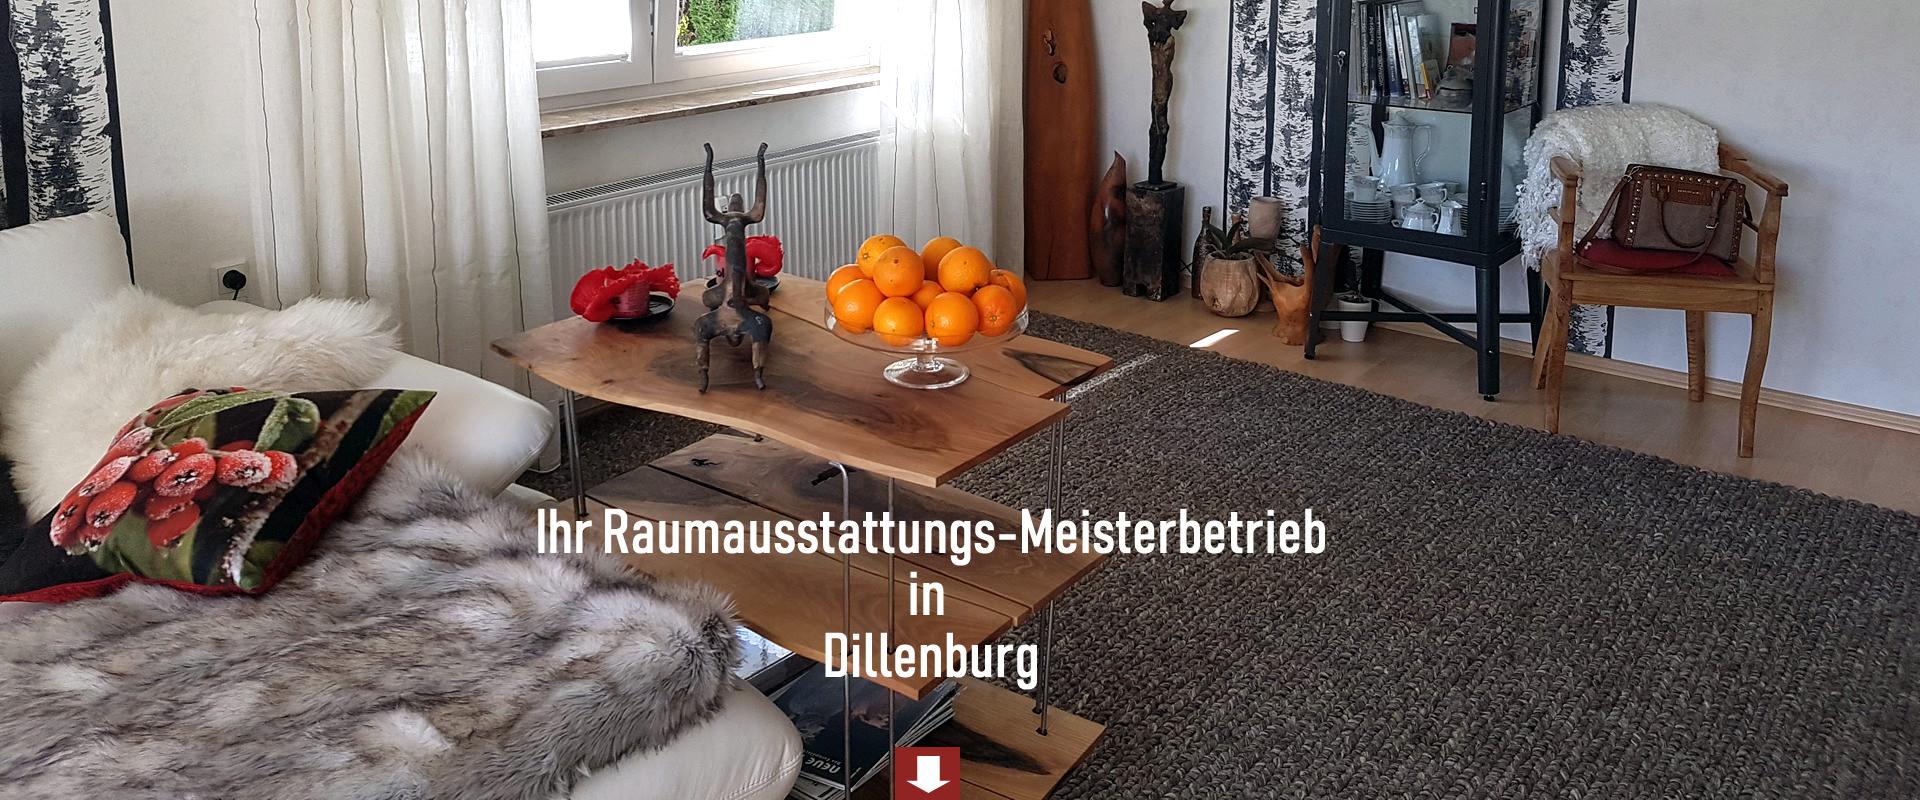 Balzer Raumausstattung Dillenburg